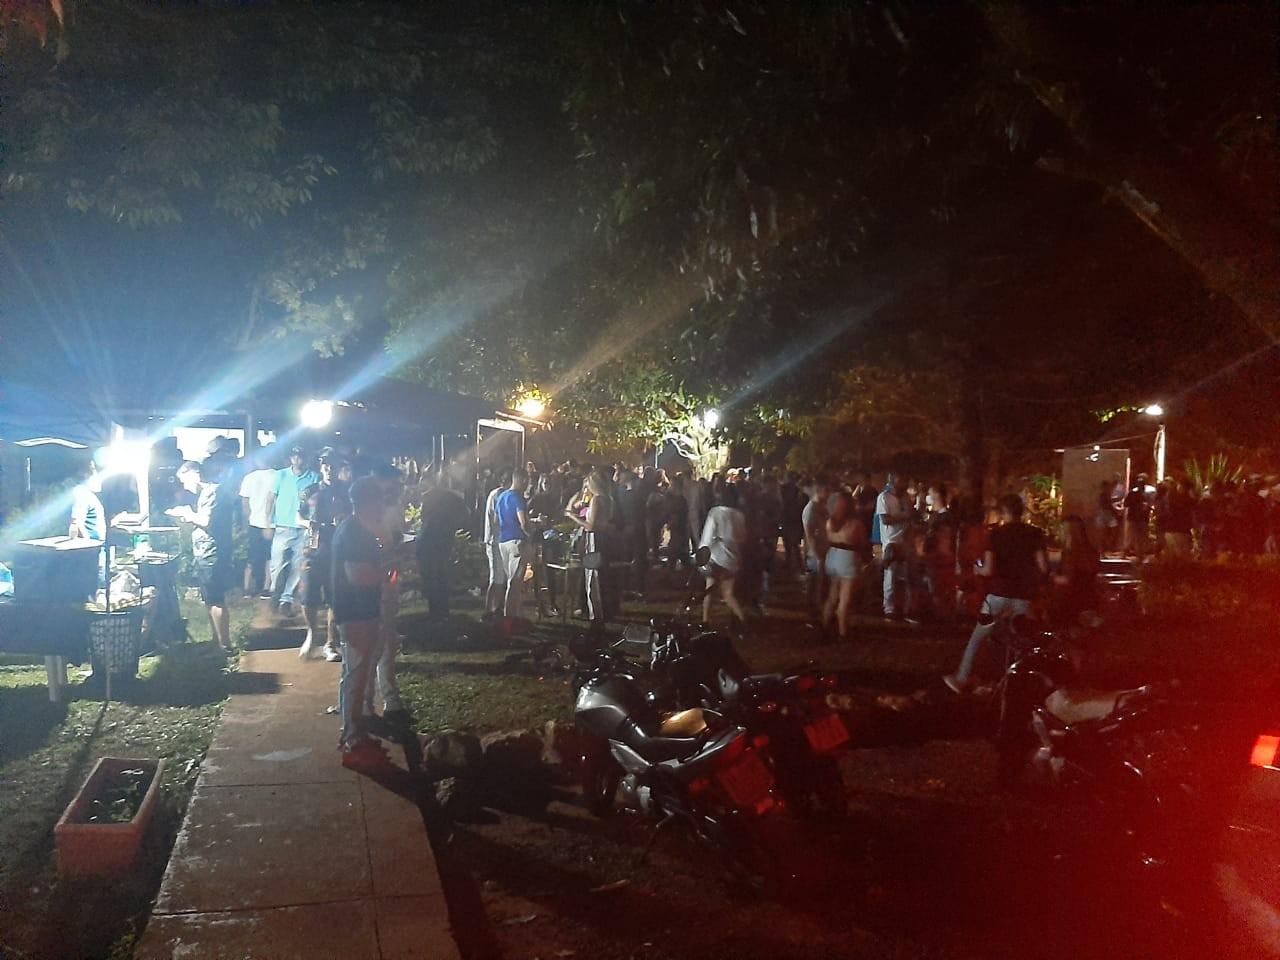 Covid-19: fiscalização encerra festa com cerca de 600 pessoas em Uberaba